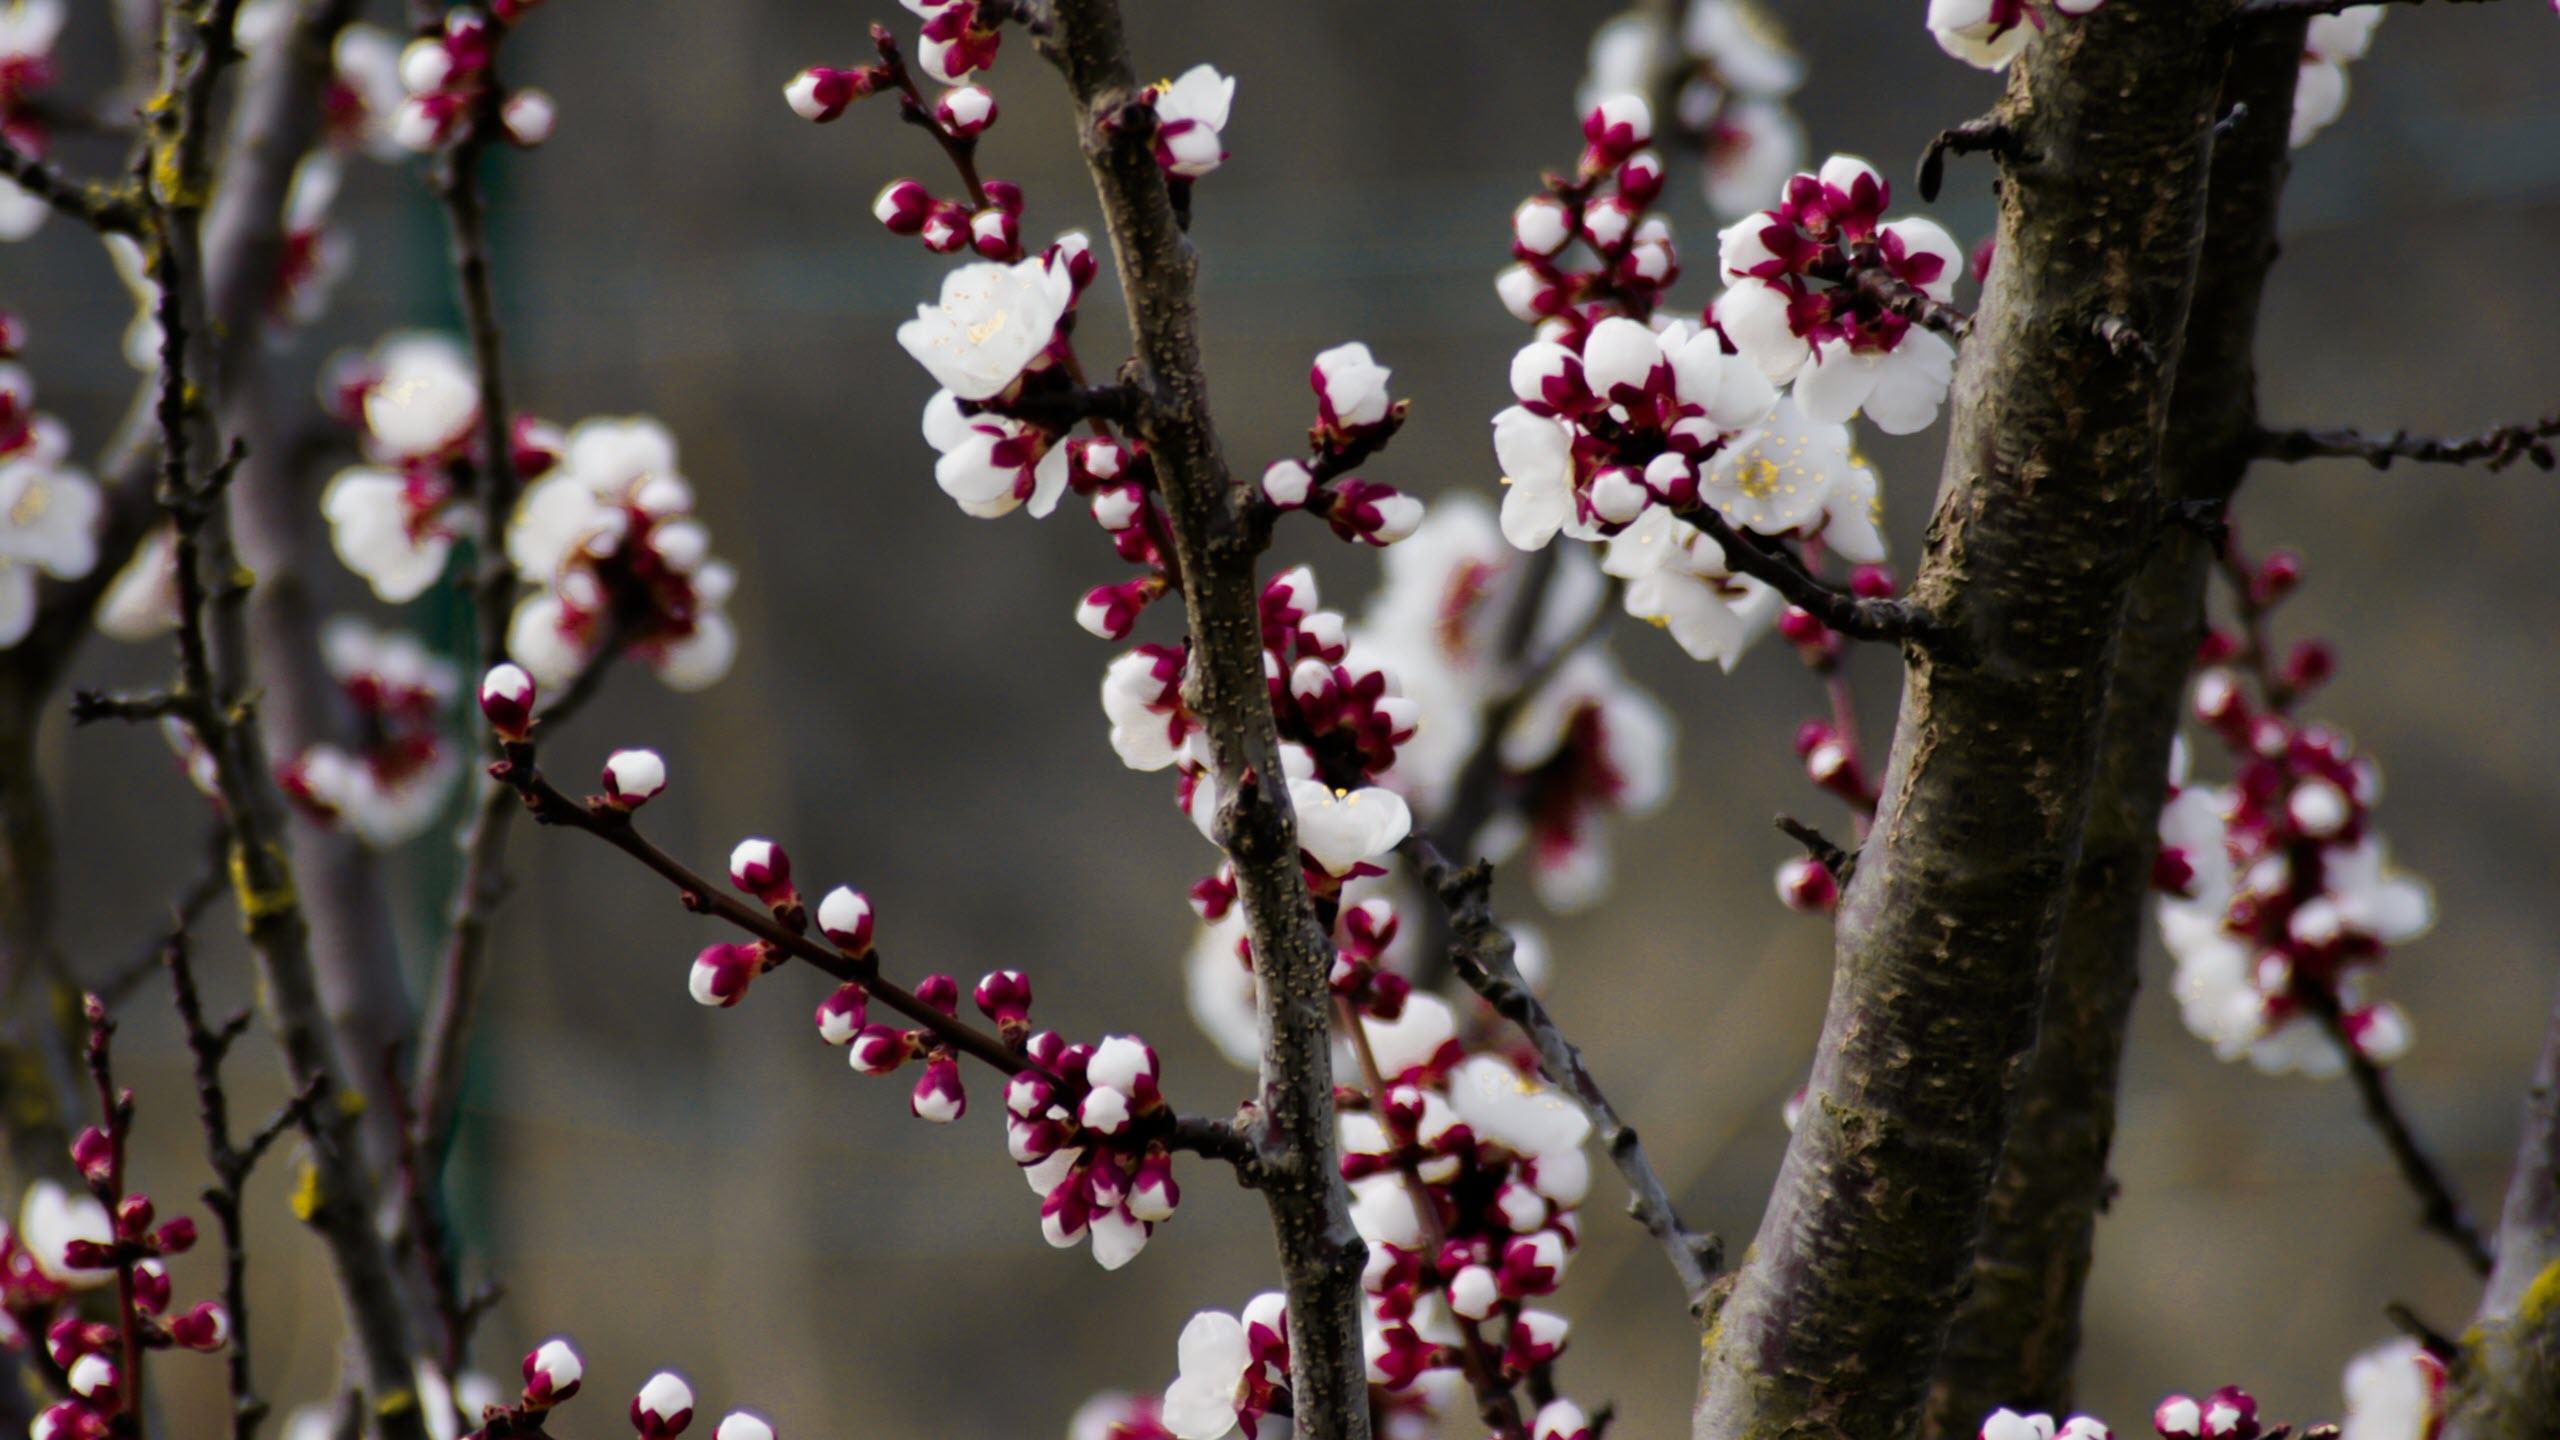 Hình nền hoa đào rừng mùa xuân